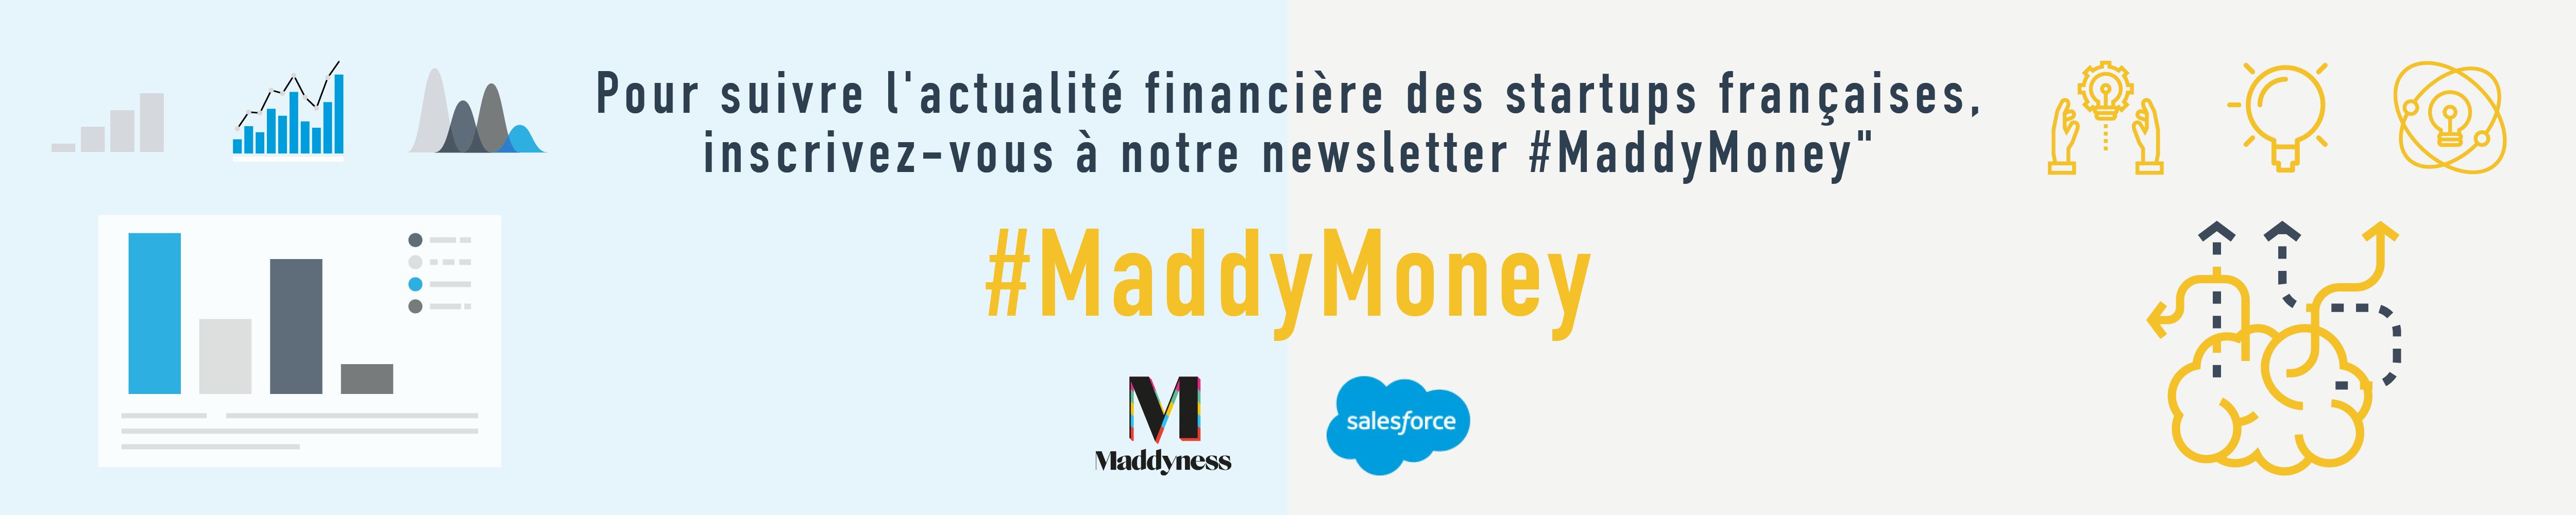 maddymoney_baniereV2_2